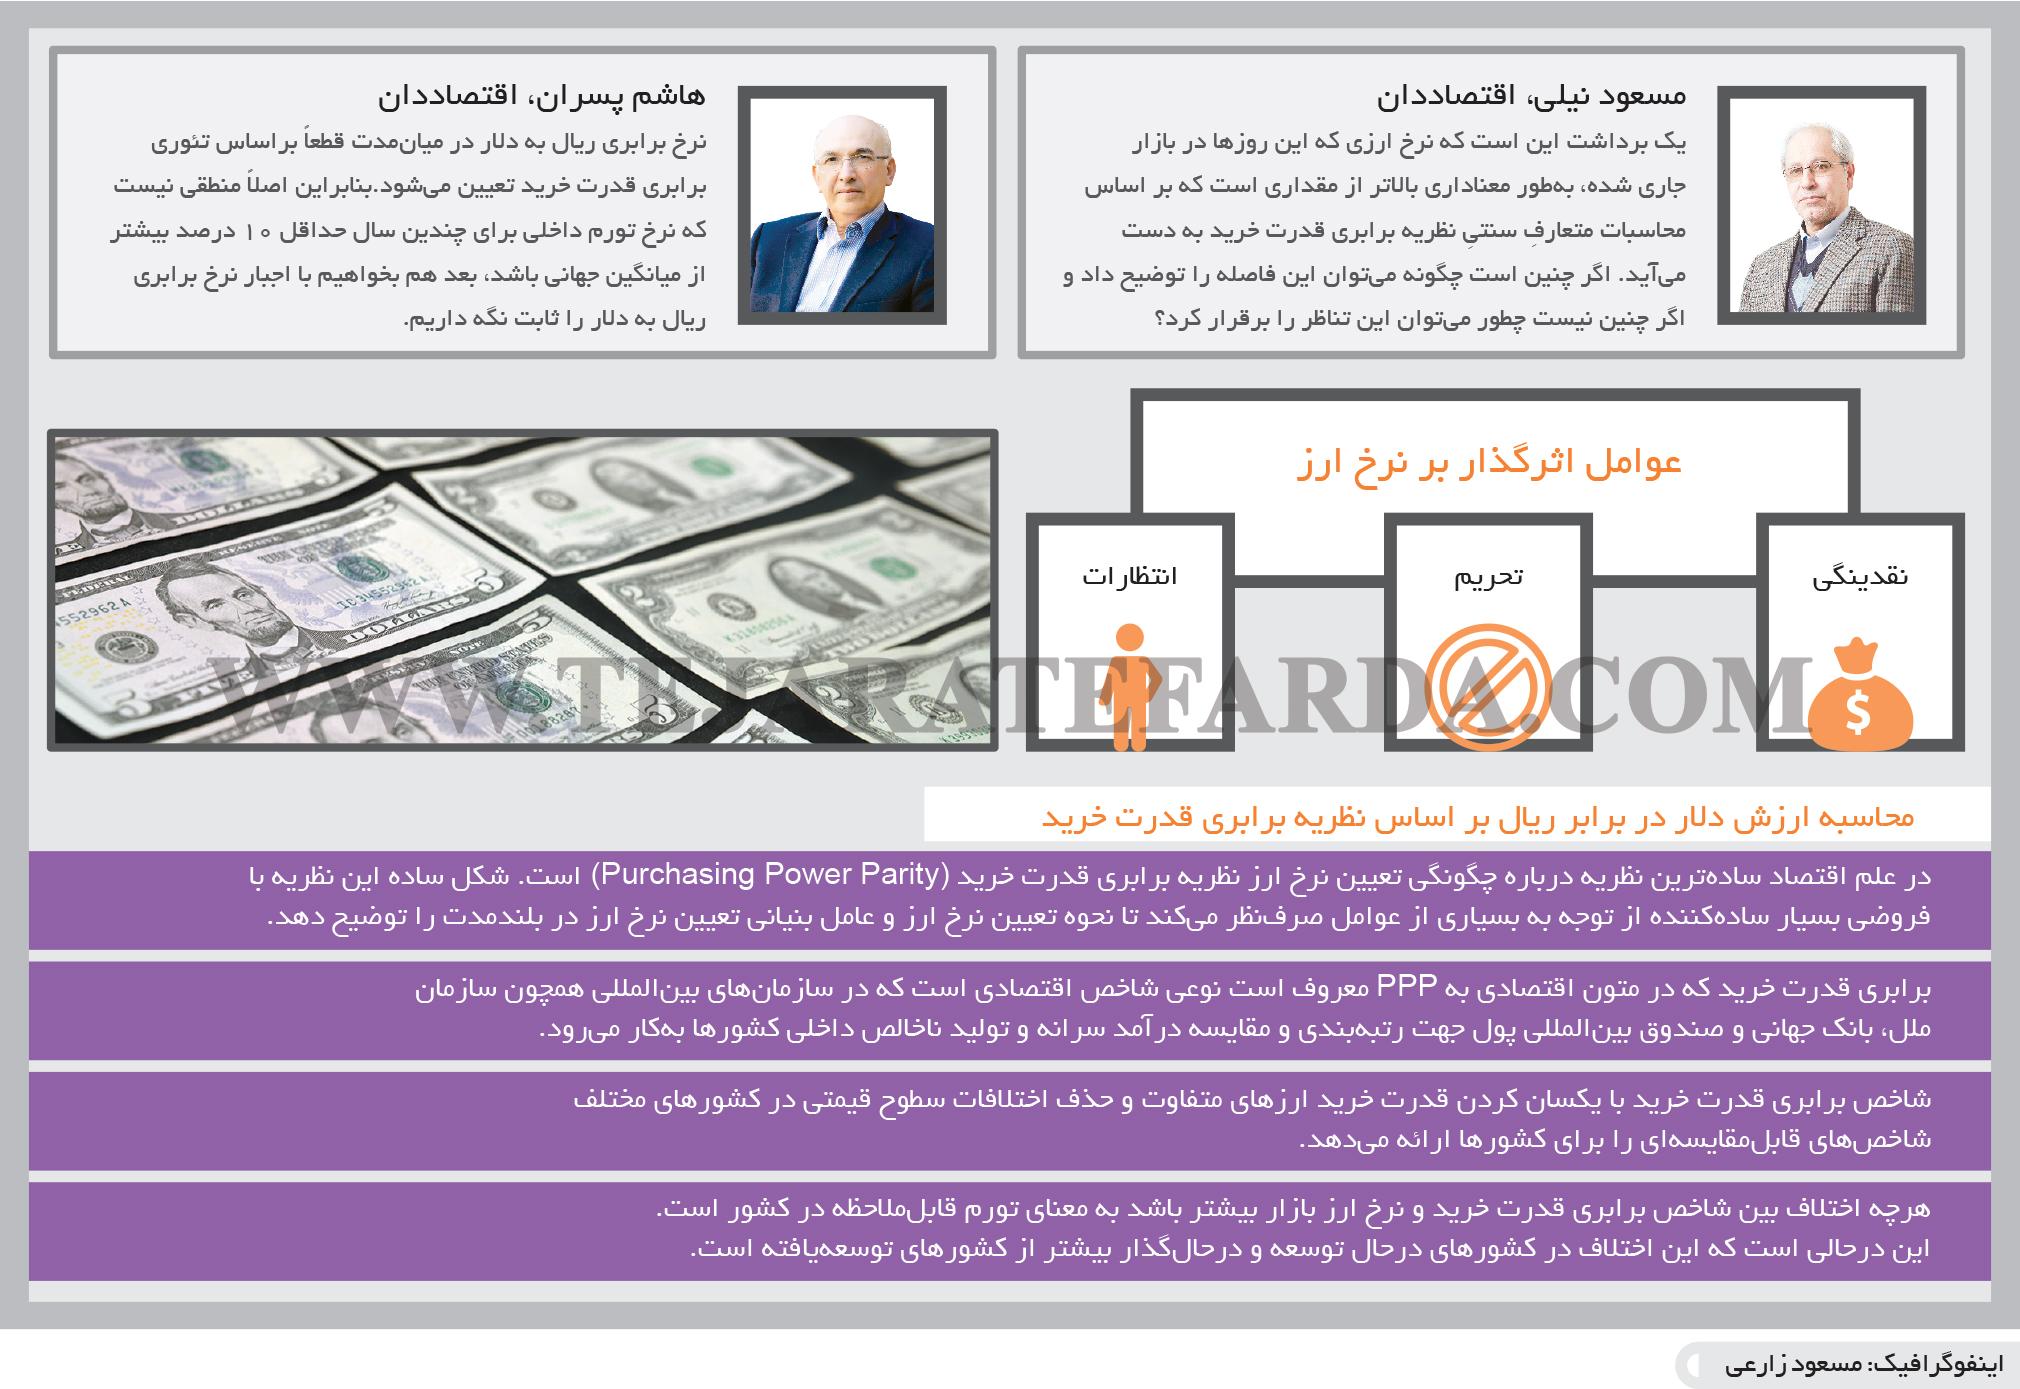 تجارت فردا- اینفوگرافیک- عوامل اثرگذار بر نرخ ارز